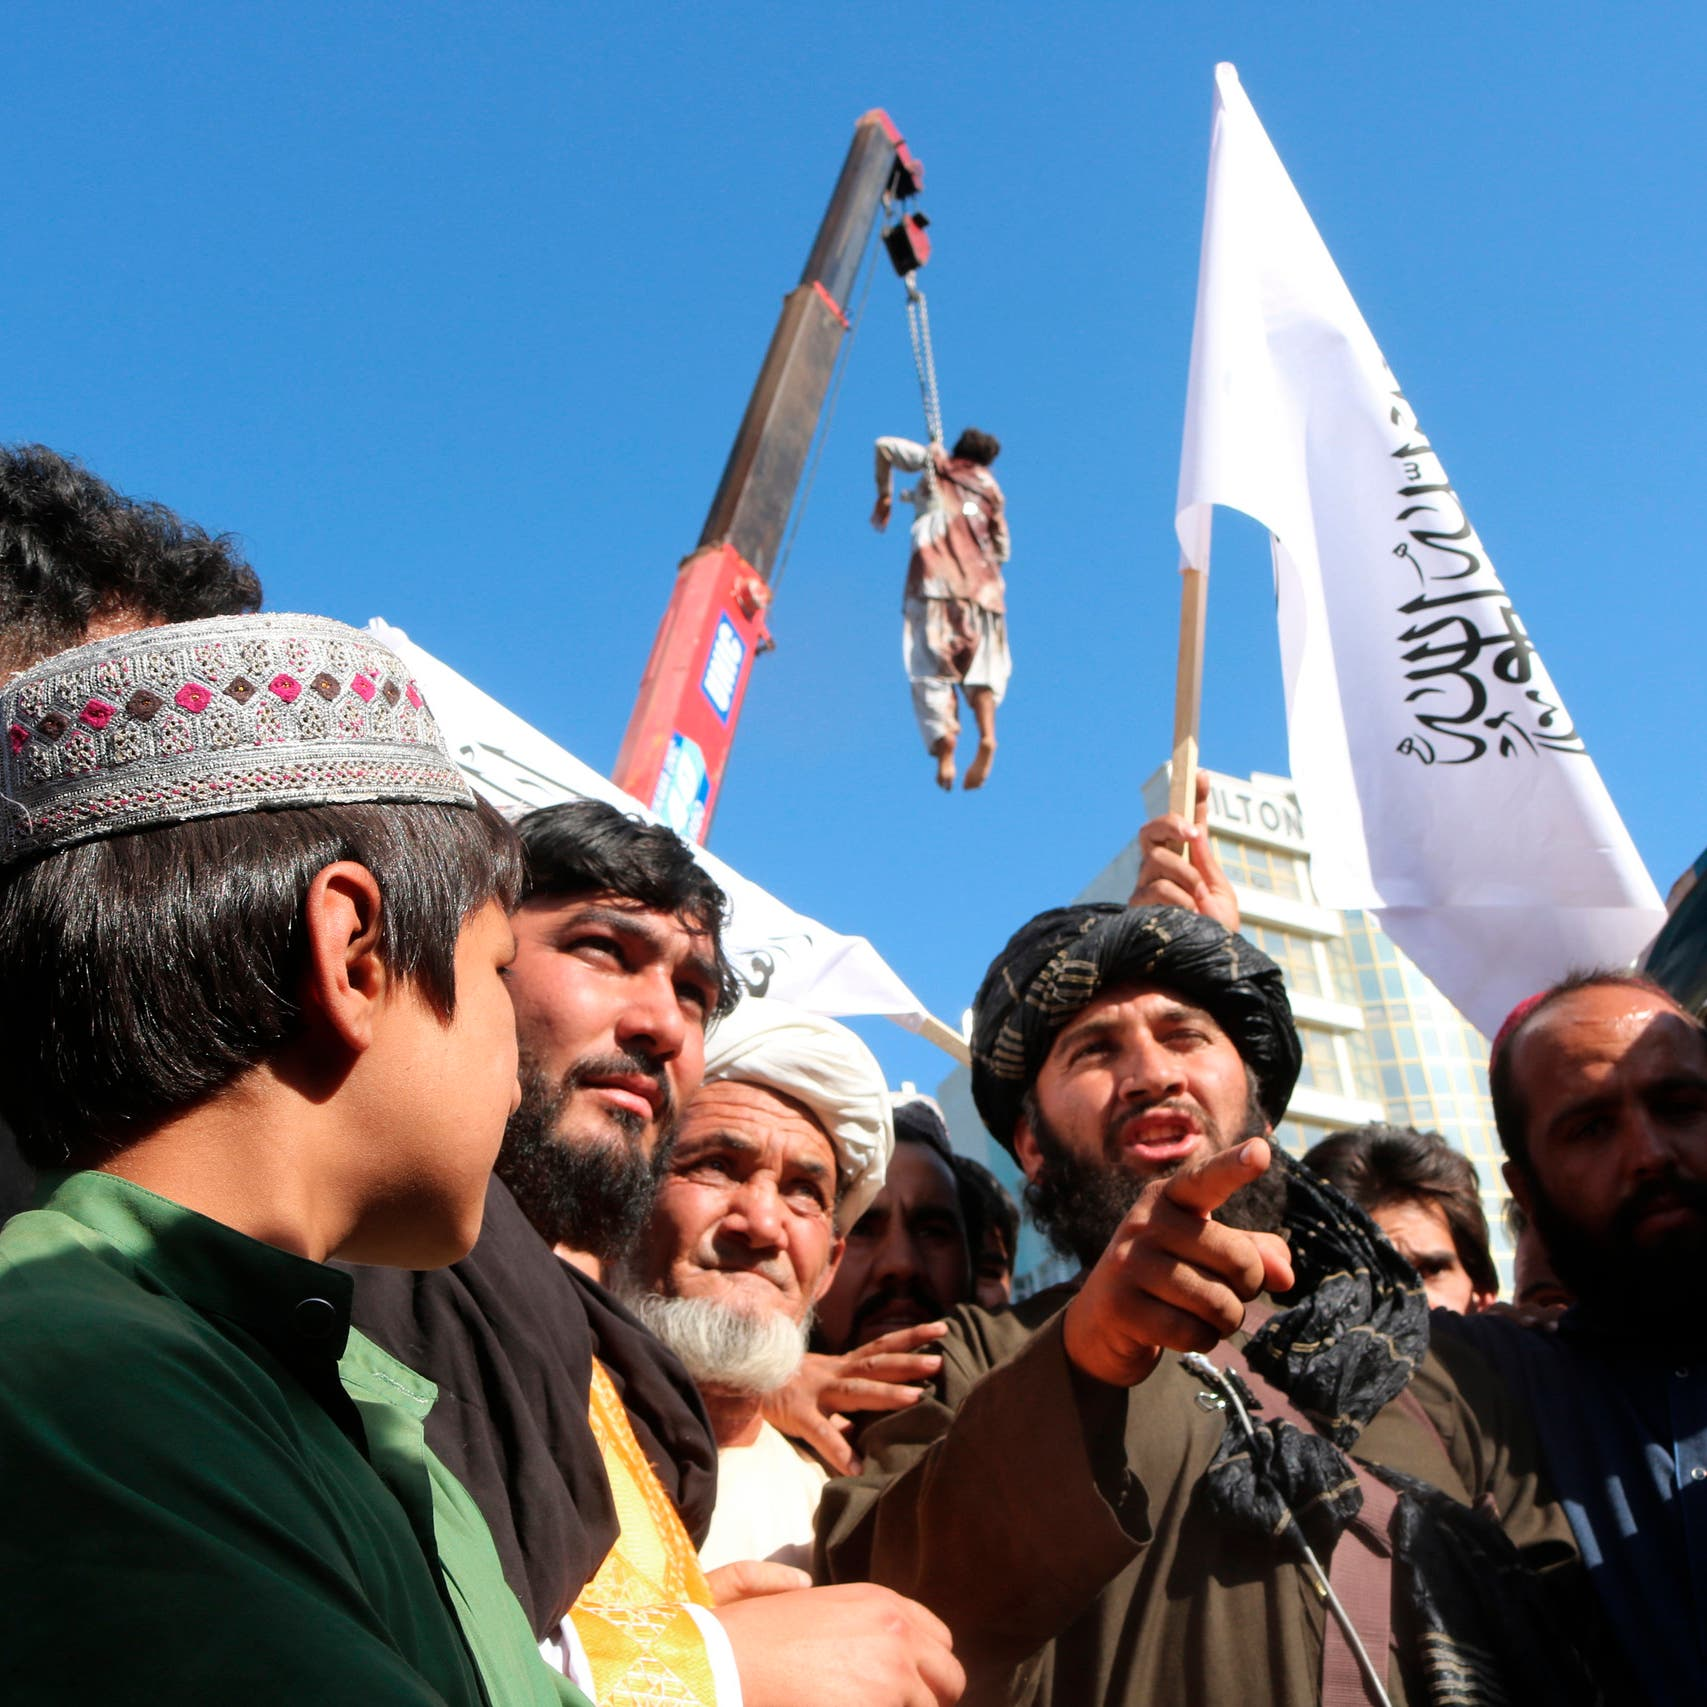 طالبان تبرر: لهذا علقنا الجثث وعرضناها في هرات